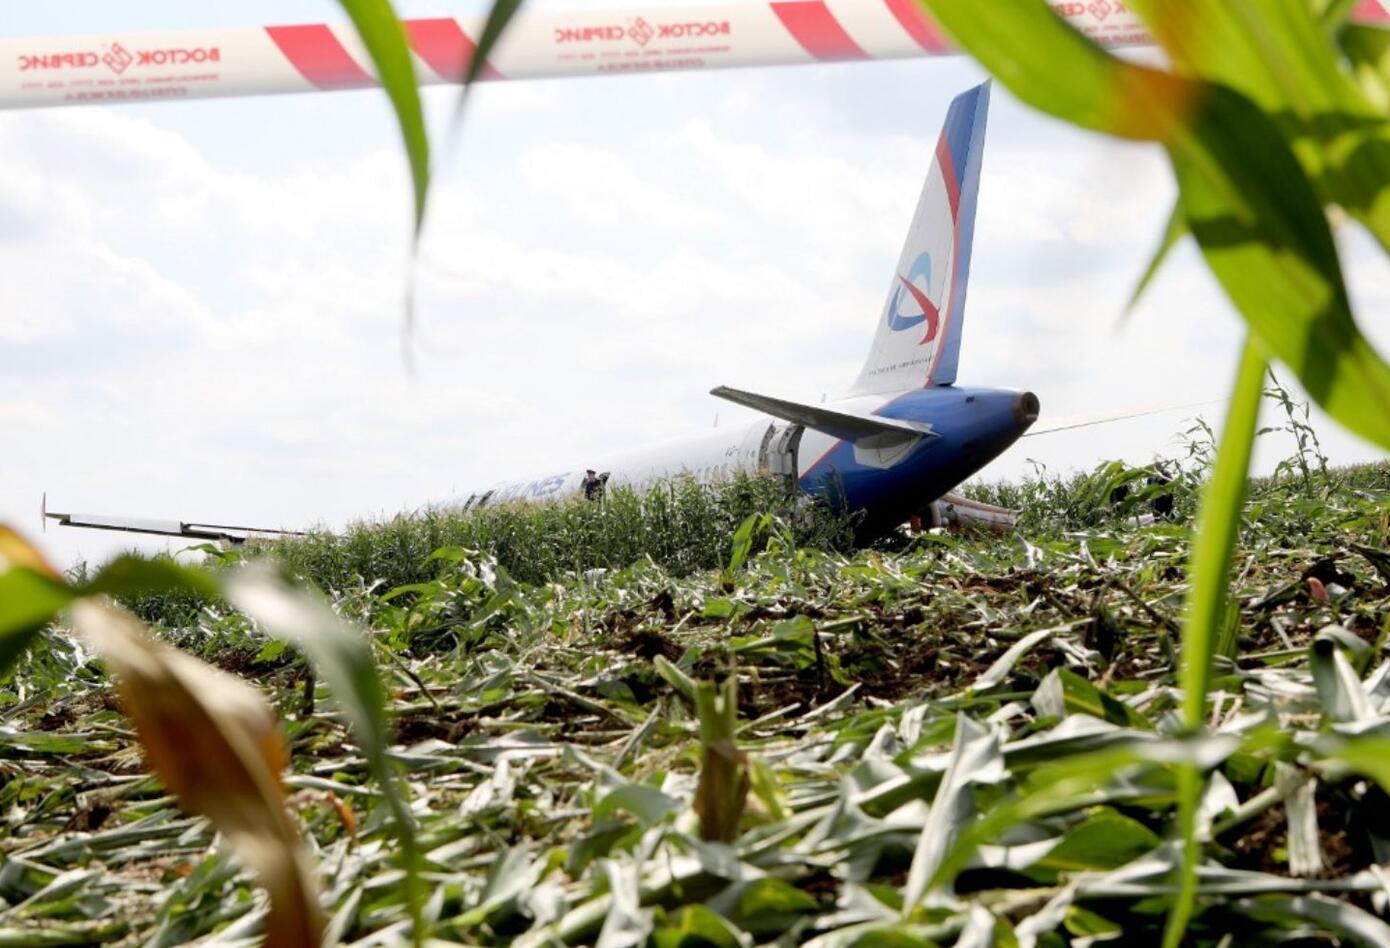 """El Airbus aterrizó """"en un campo de maíz"""" situado a """"una distancia de 1 km de la pista de despegue, sin el tren de aterrizaje""""."""